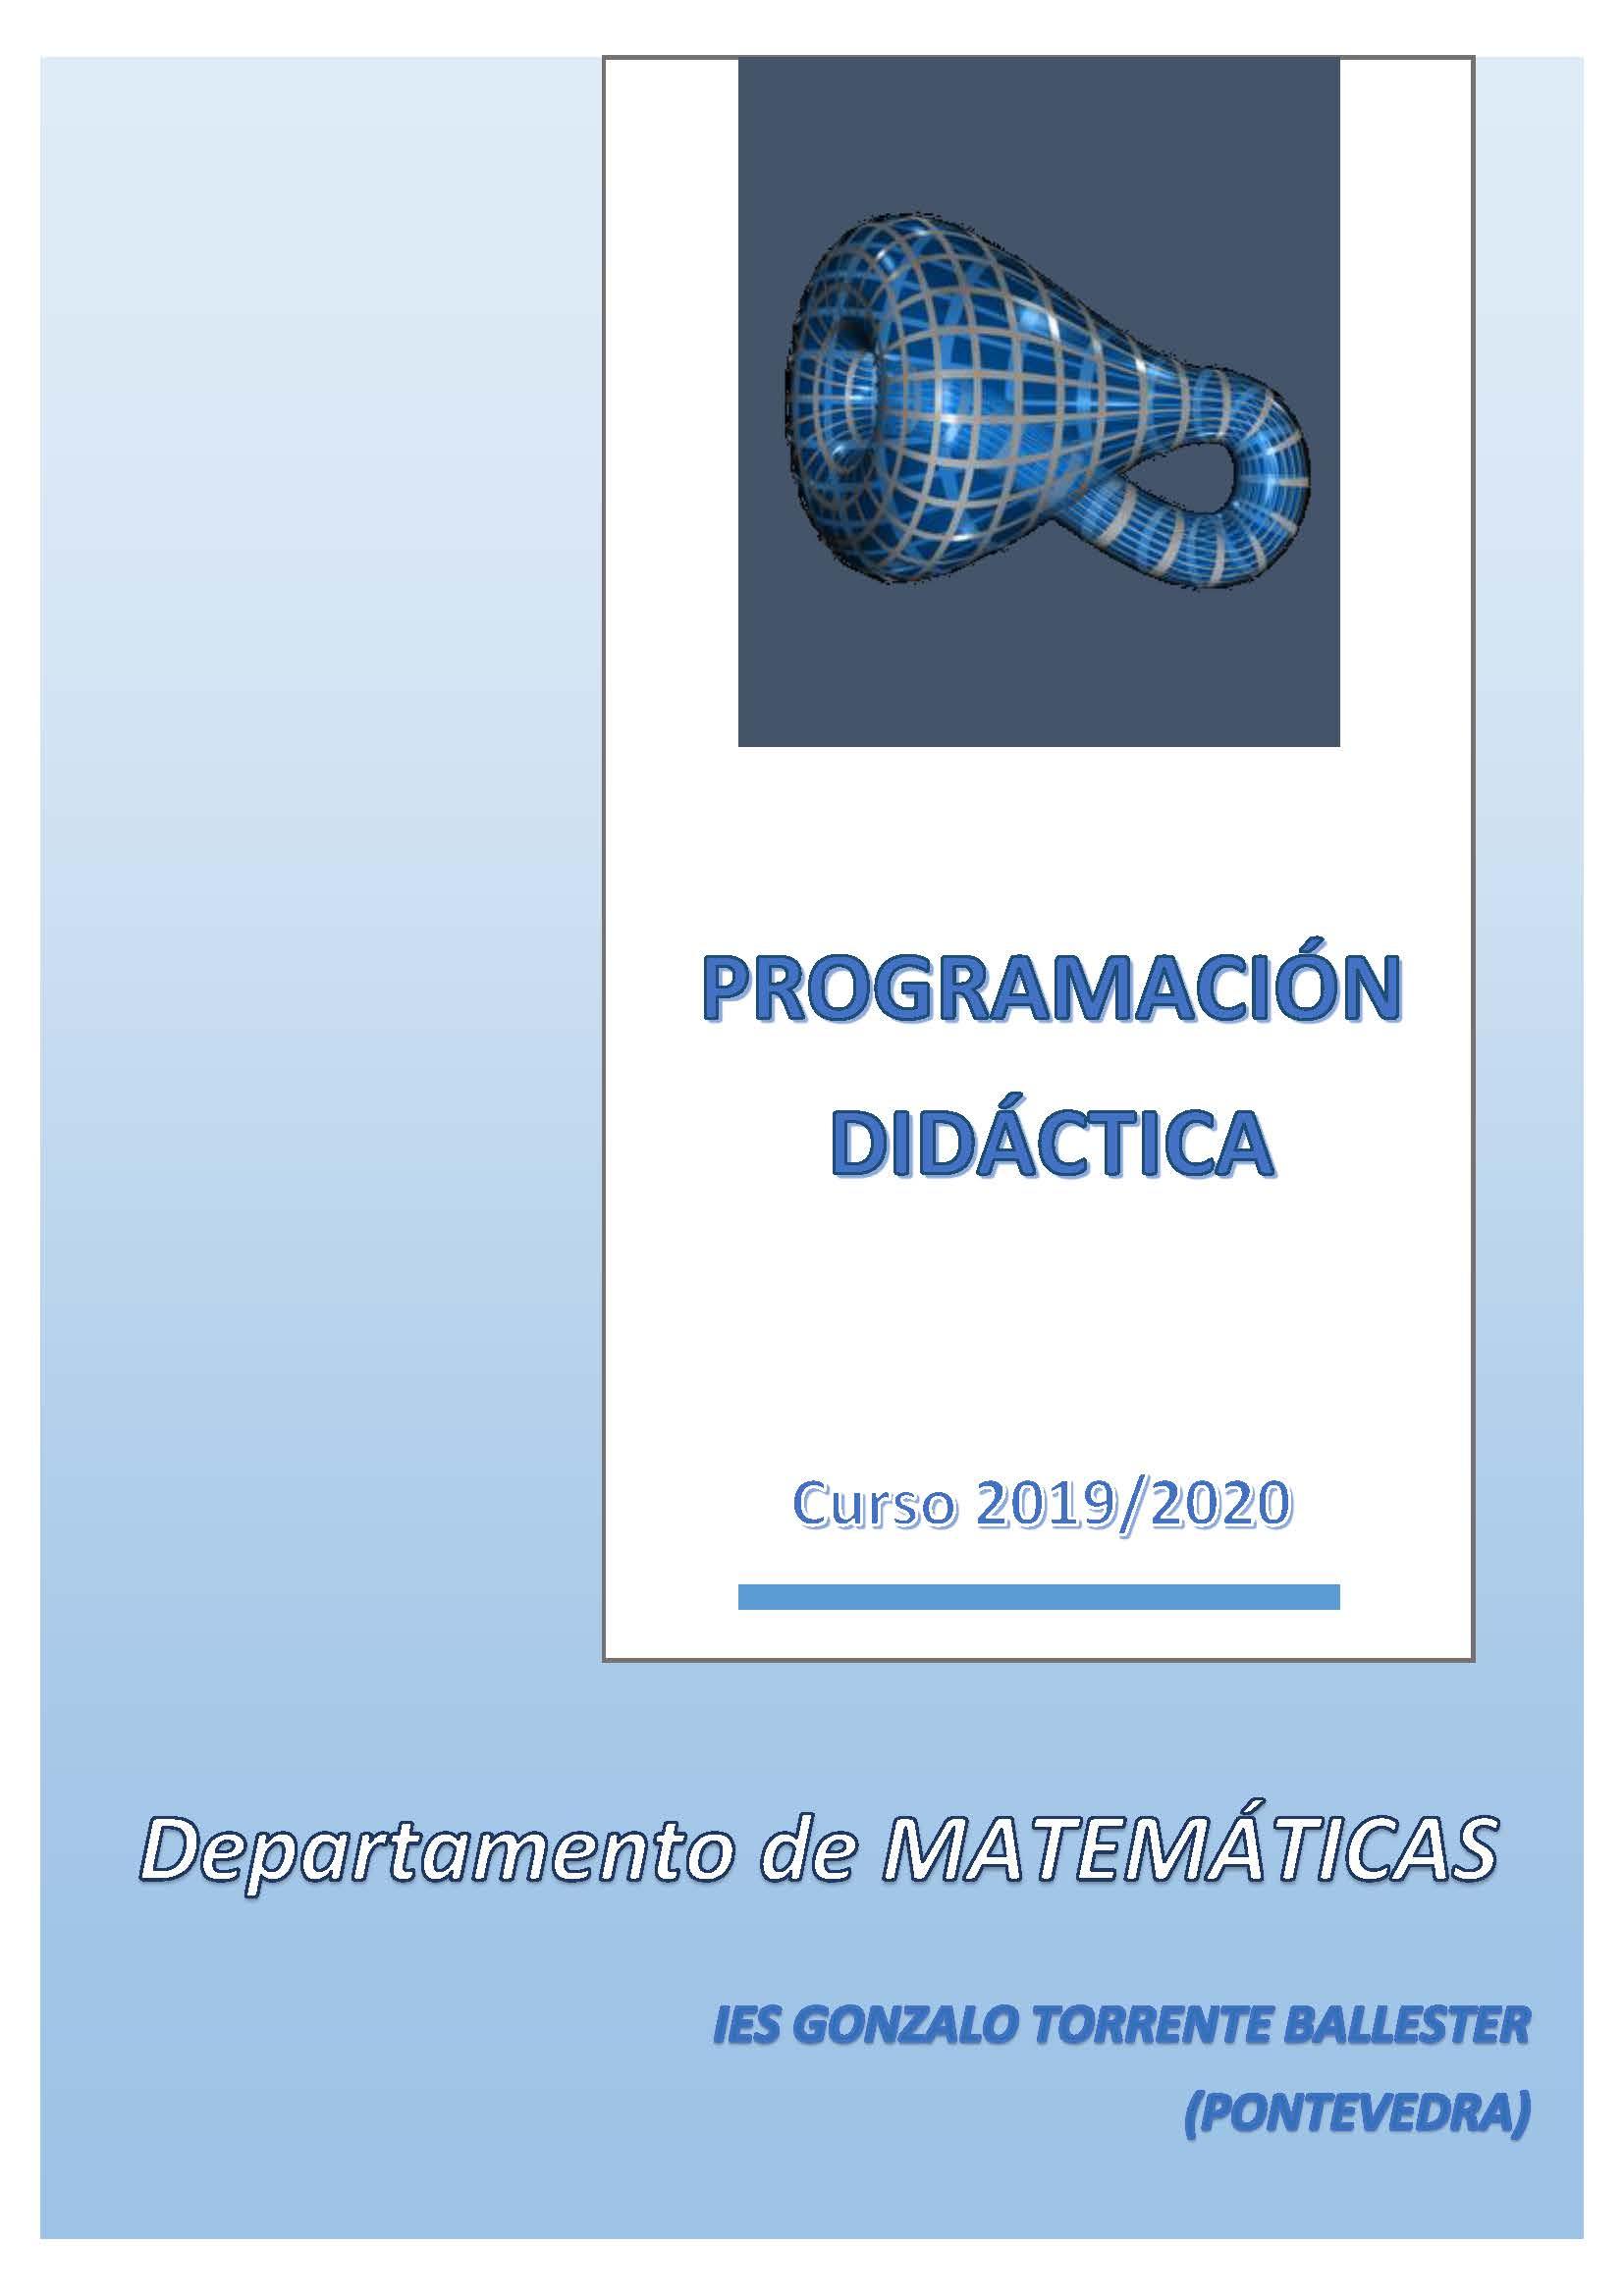 Programación Didáctica Matemáticas (2019/2020)